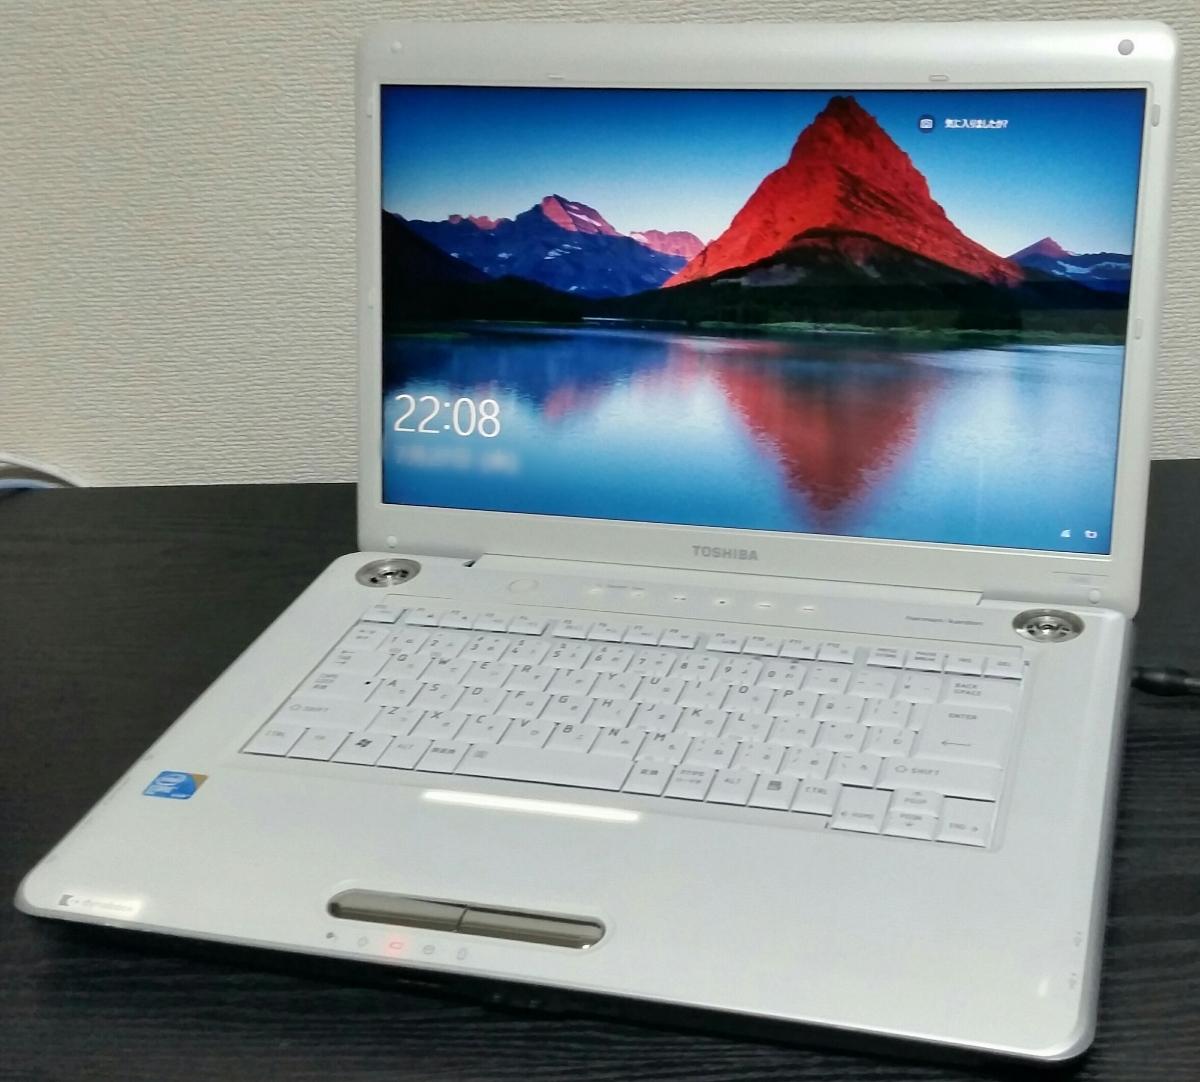 美品☆超速★大容量SSHD新品1000G(SSD内蔵) dynabook Win10 Office AC付 4GB 高音質harman/kardonスピーカー[DVD-Blu-ray]ホワイト♪特典有